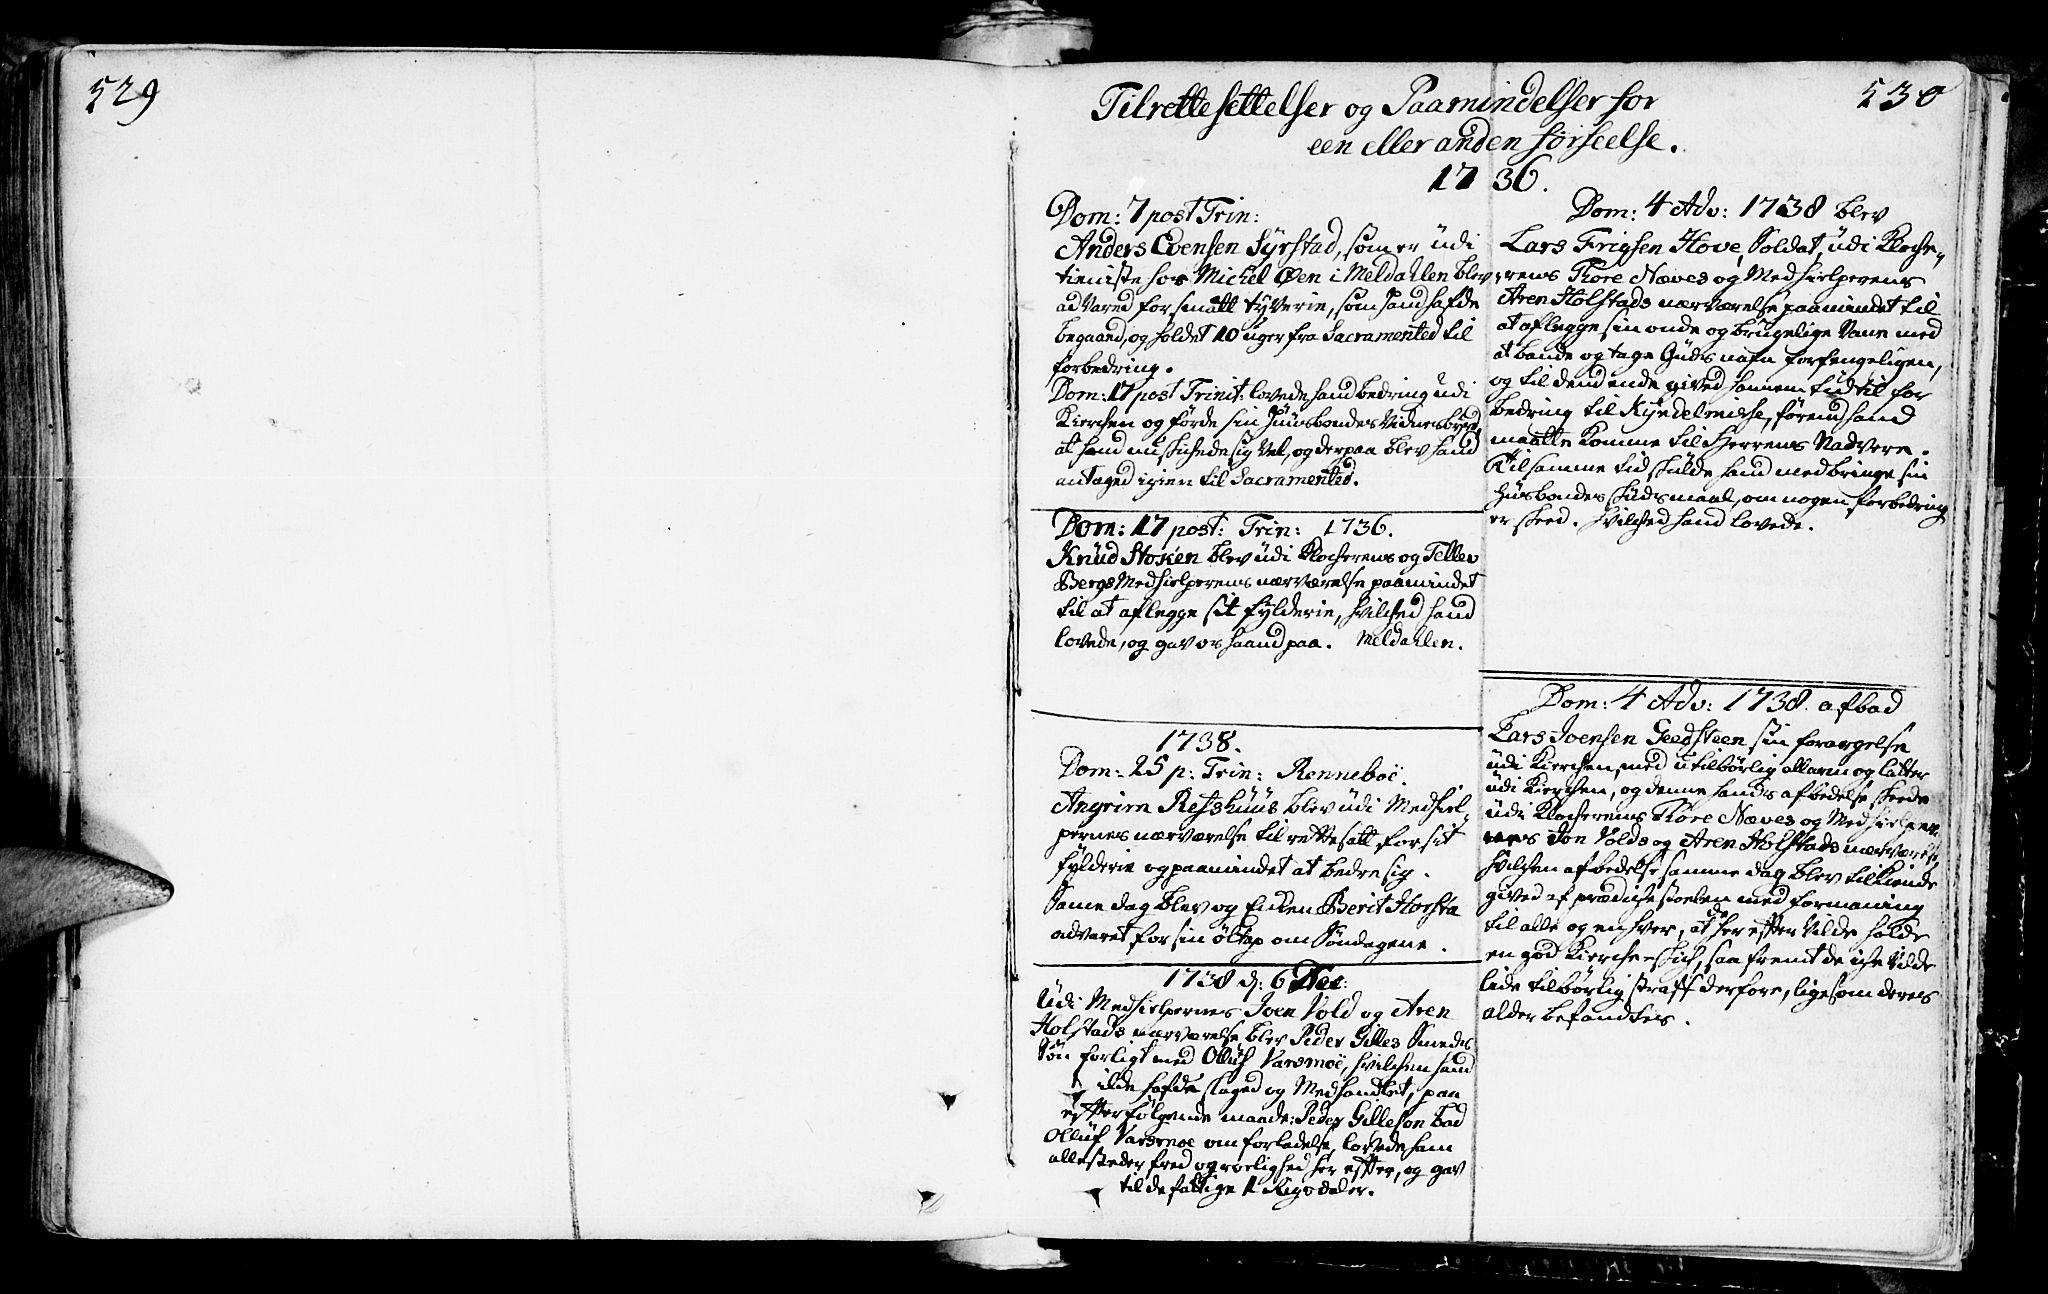 SAT, Ministerialprotokoller, klokkerbøker og fødselsregistre - Sør-Trøndelag, 672/L0850: Ministerialbok nr. 672A03, 1725-1751, s. 529-530